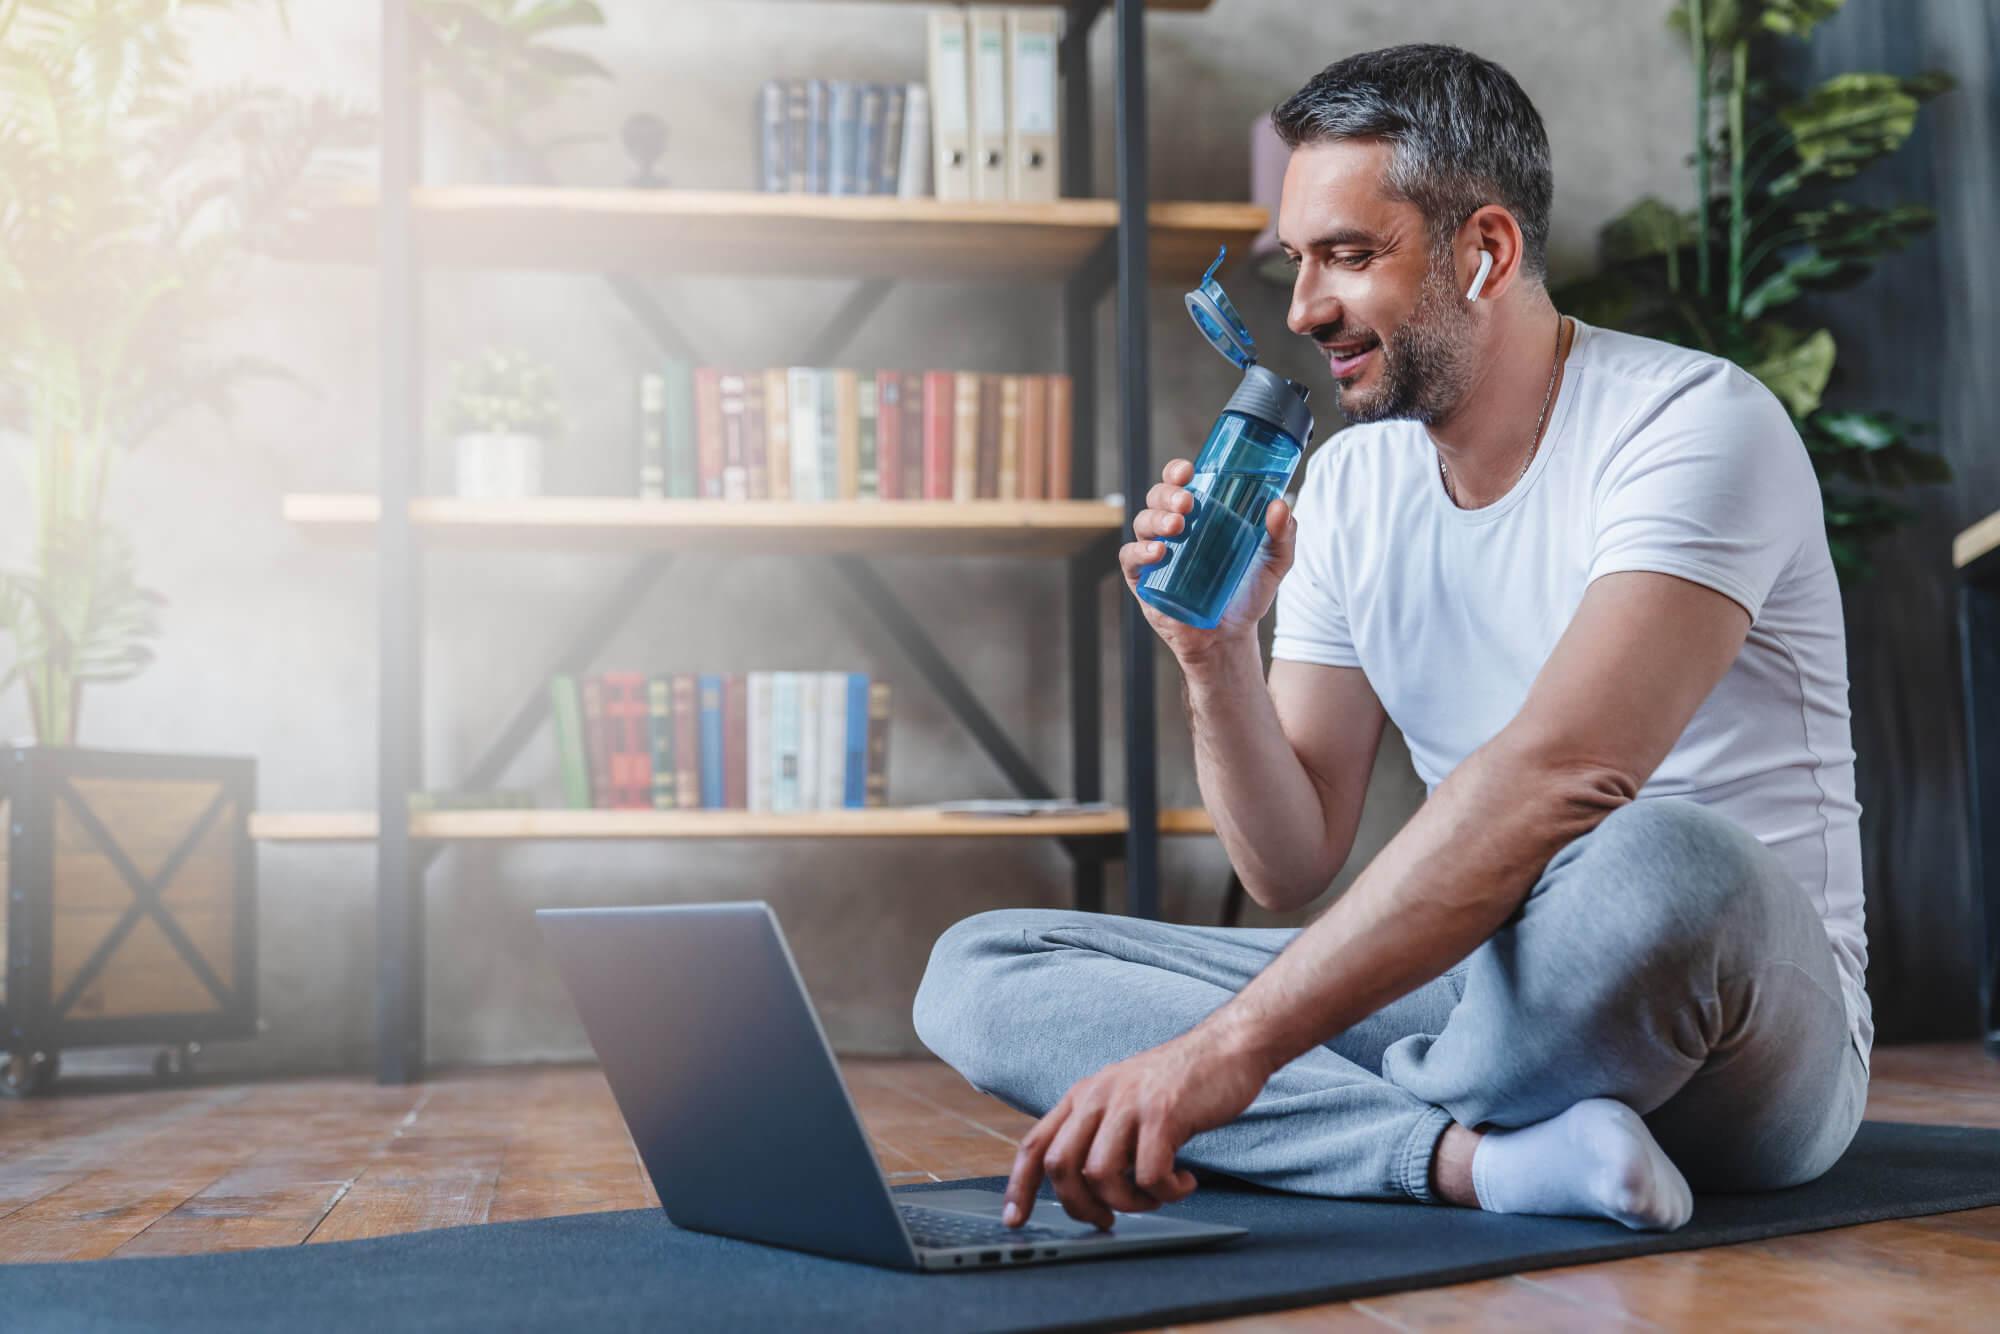 Dein digitaler Urologefür Zuhause